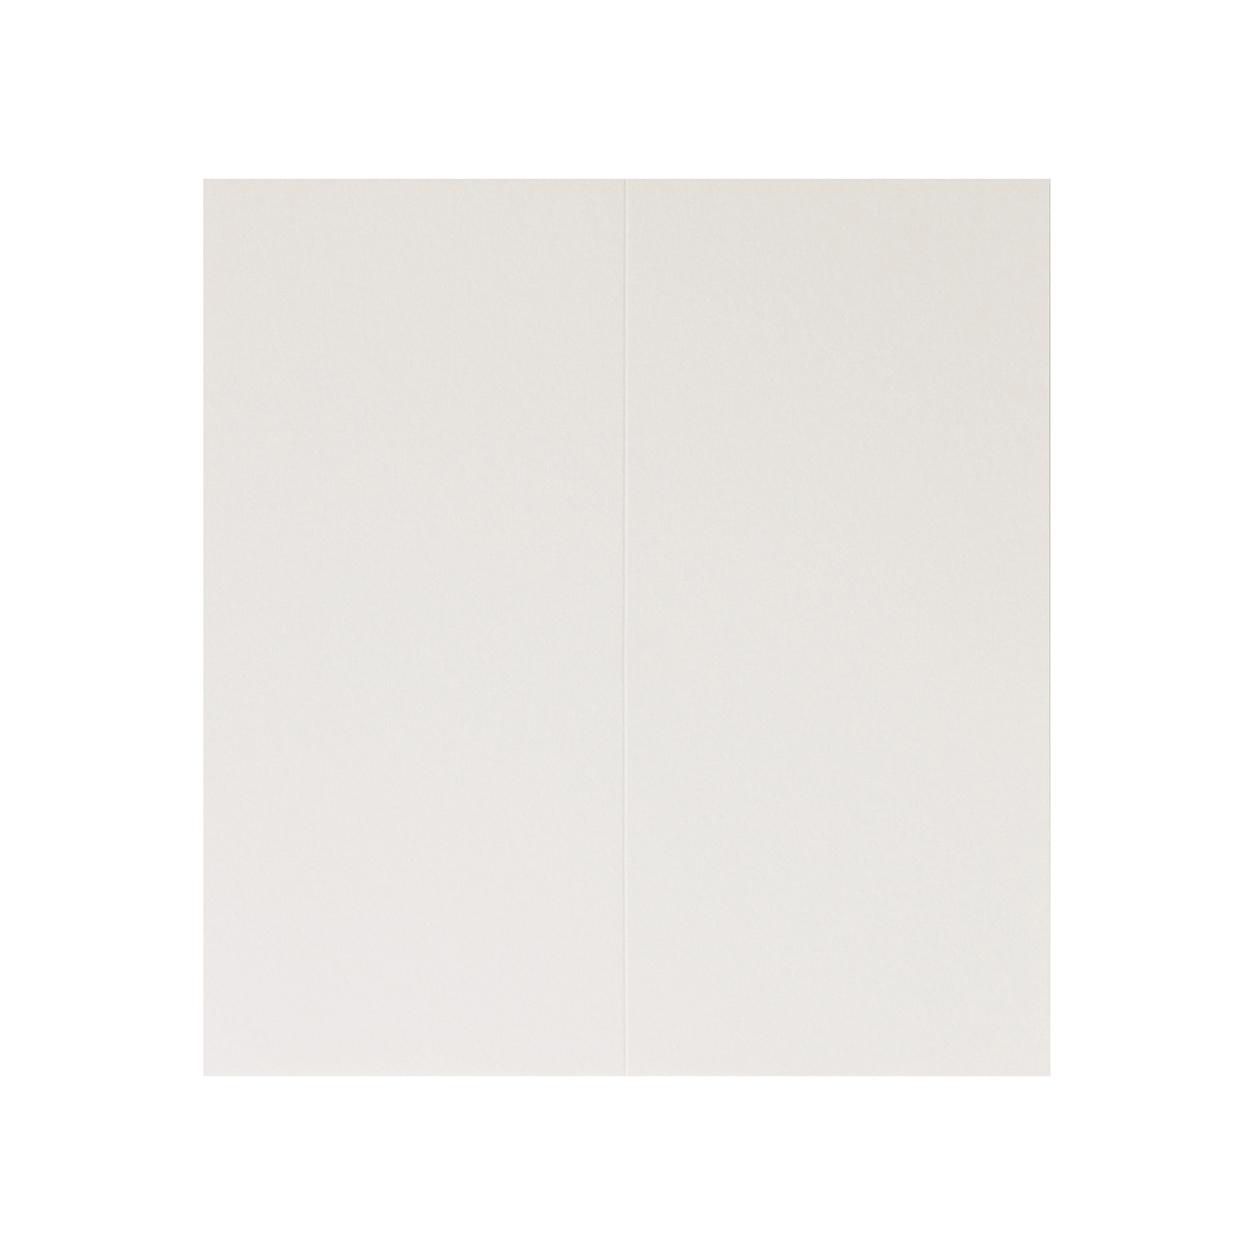 #93Vカード コットン スノーホワイト 232.8g